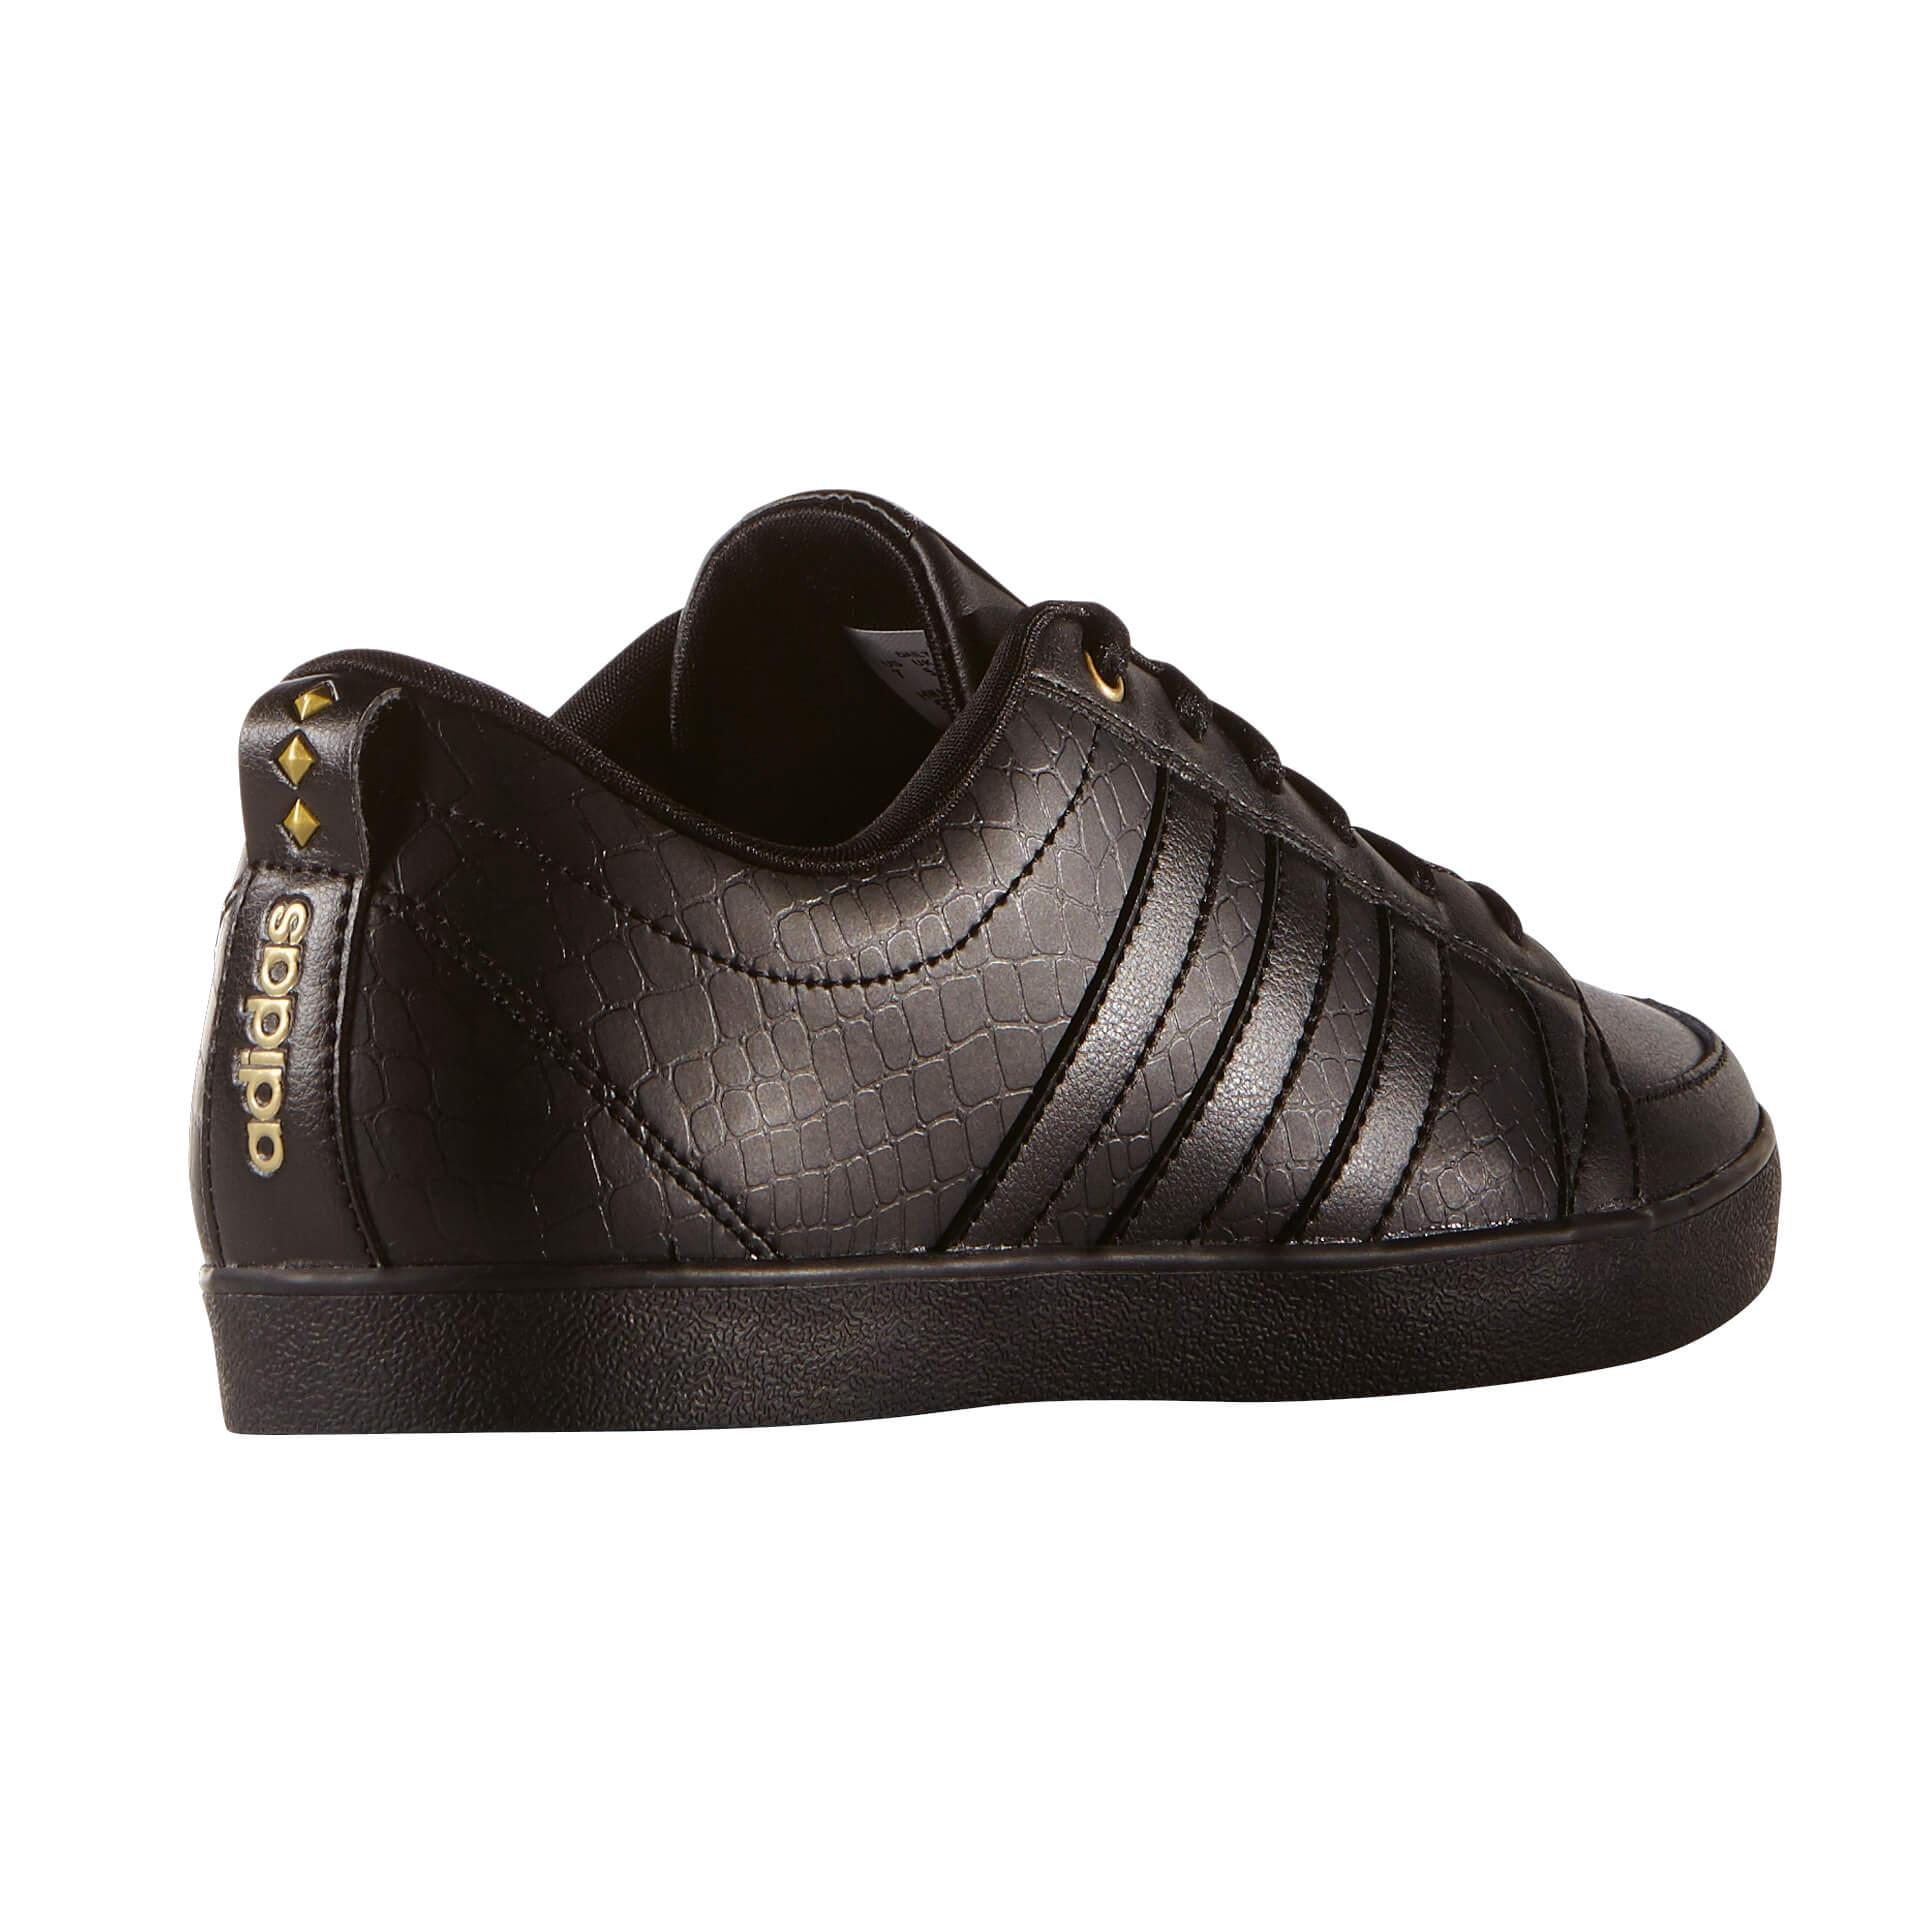 9da019df68f66 https://www.hervis.at/store/Bekleidung/Hosen-%26-Shorts/Freizeit ...